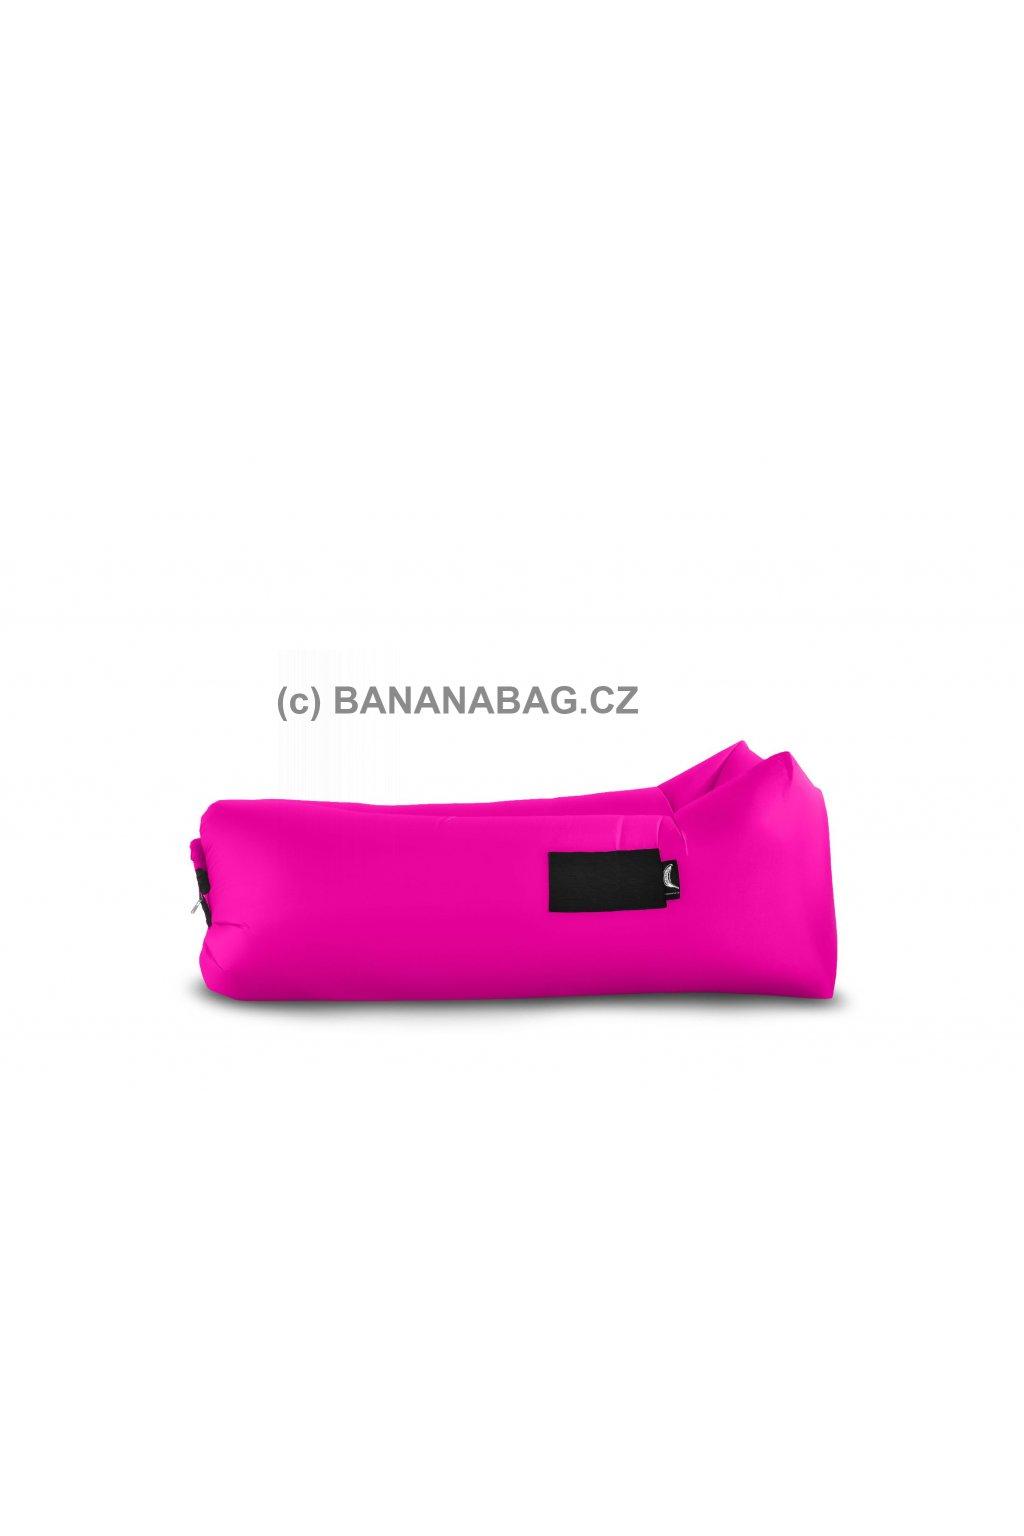 Lazy bag Bananabag růžová 02